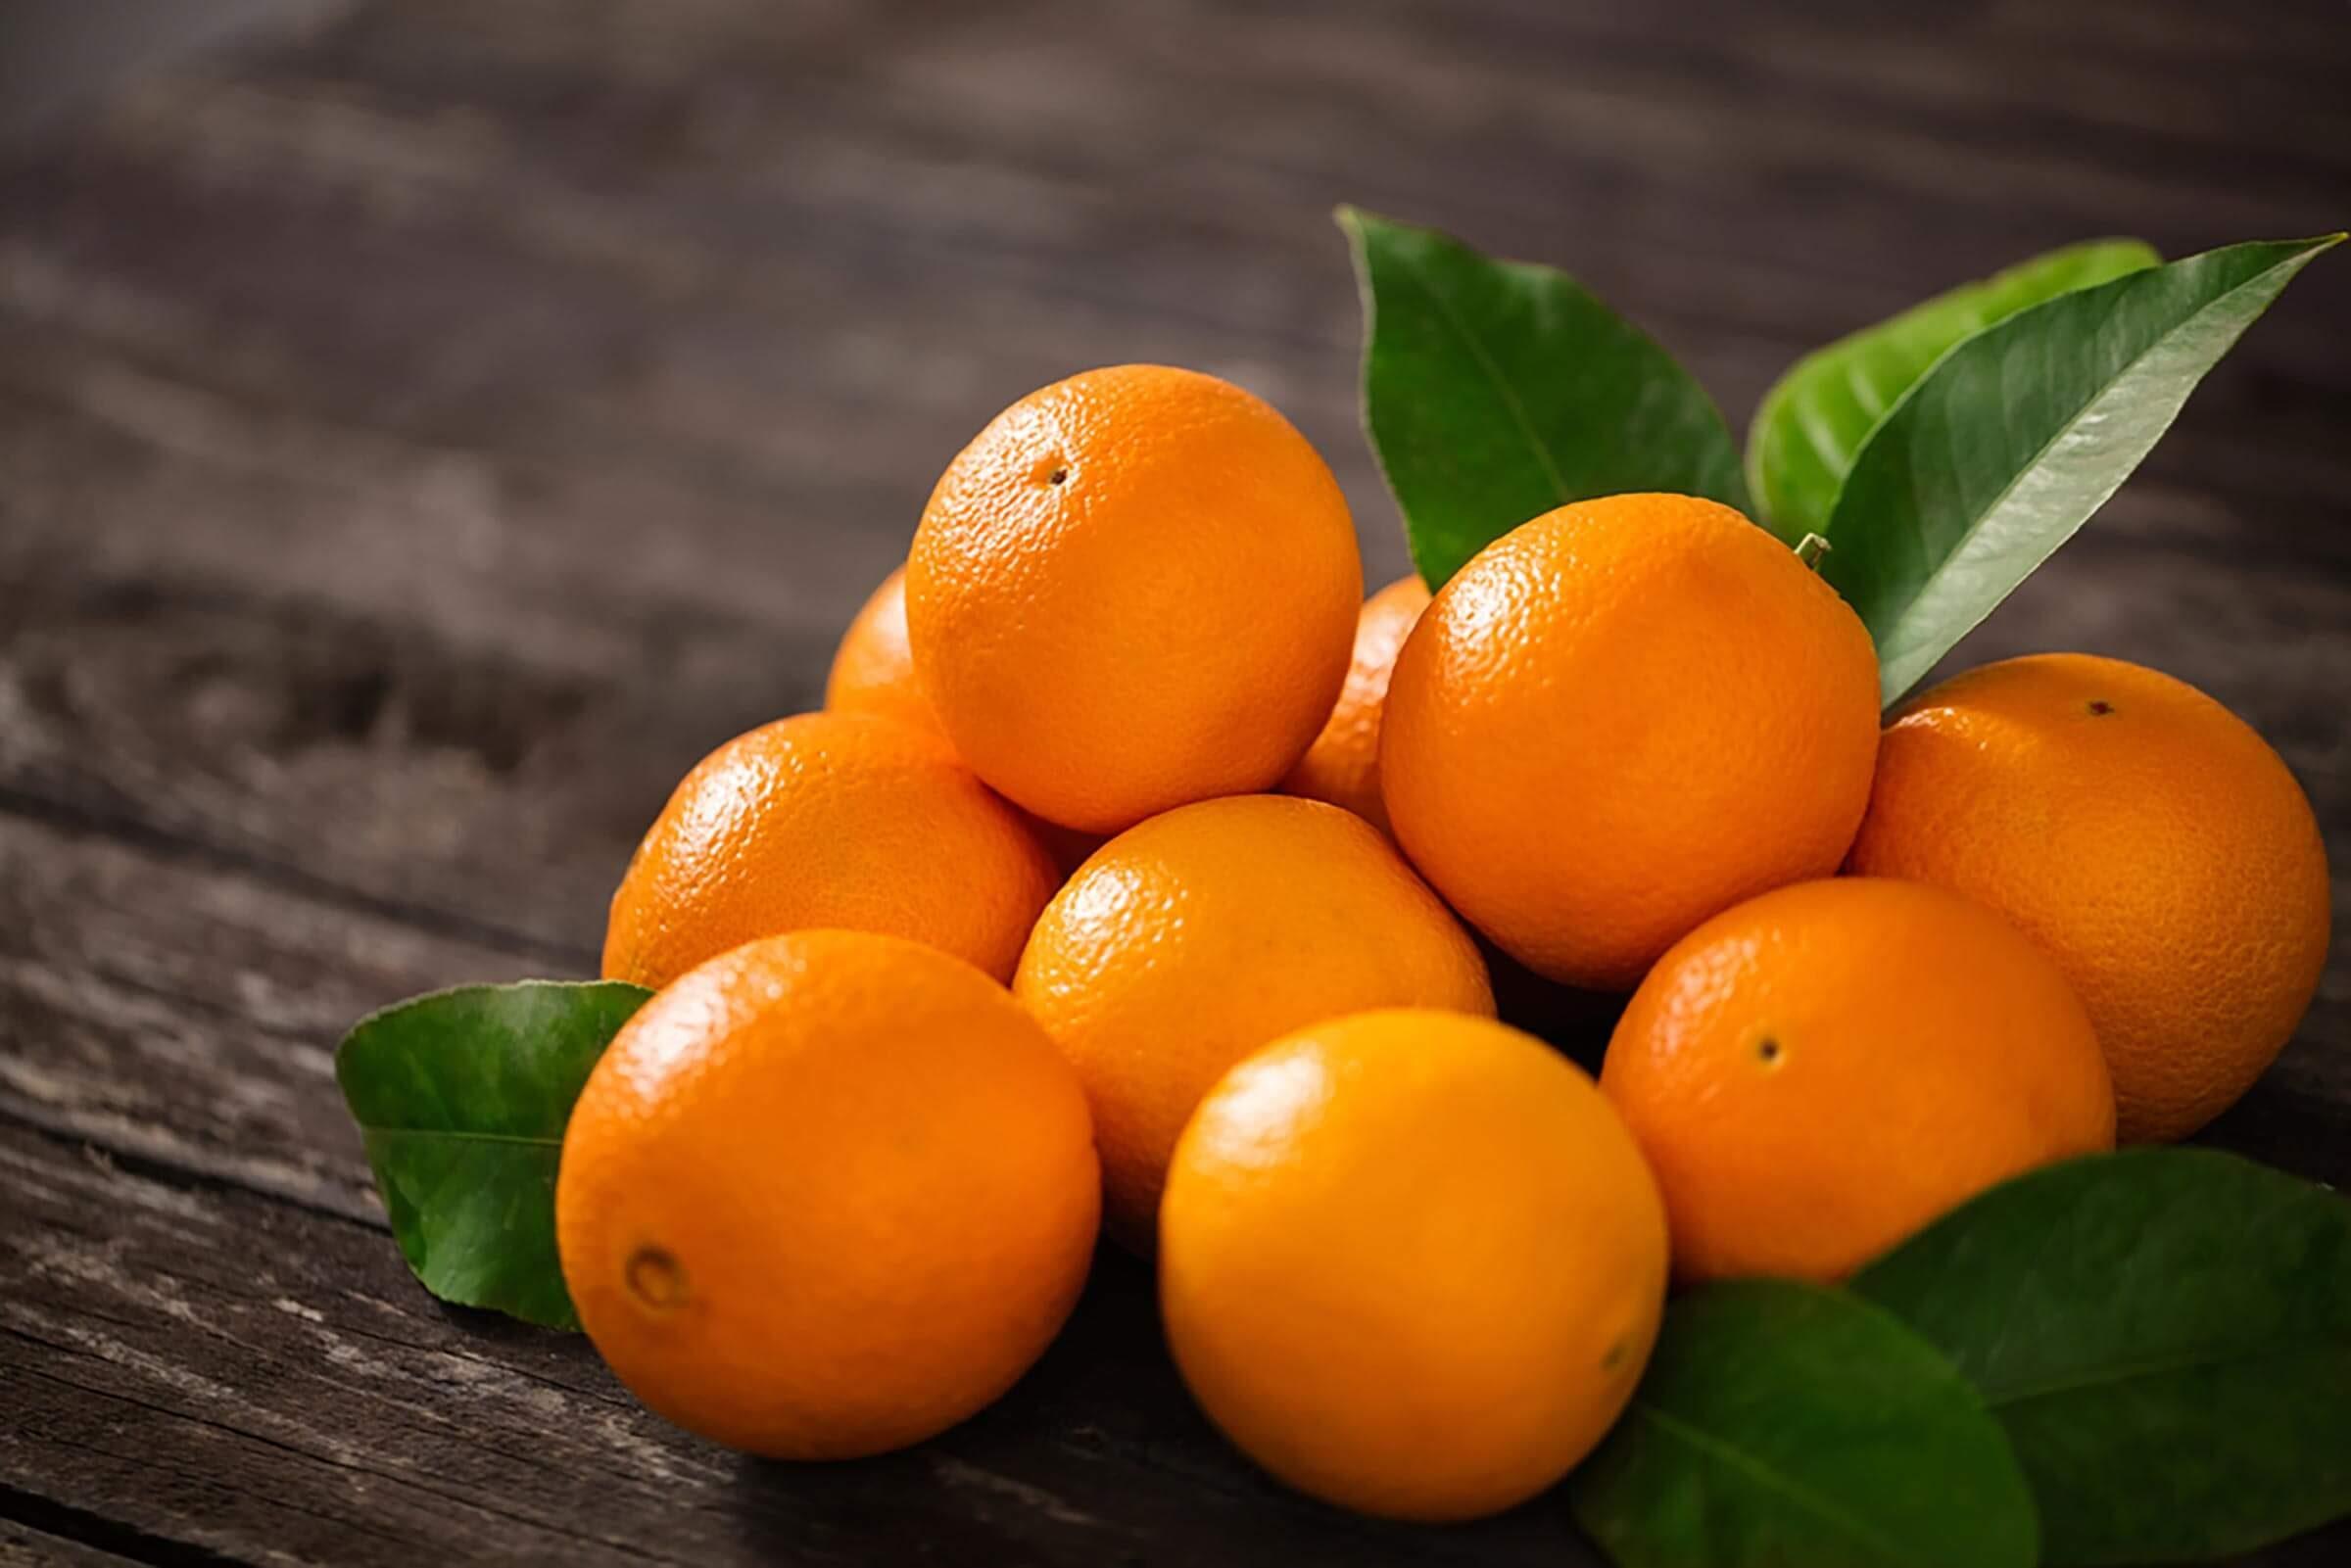 Food Color Make Orange